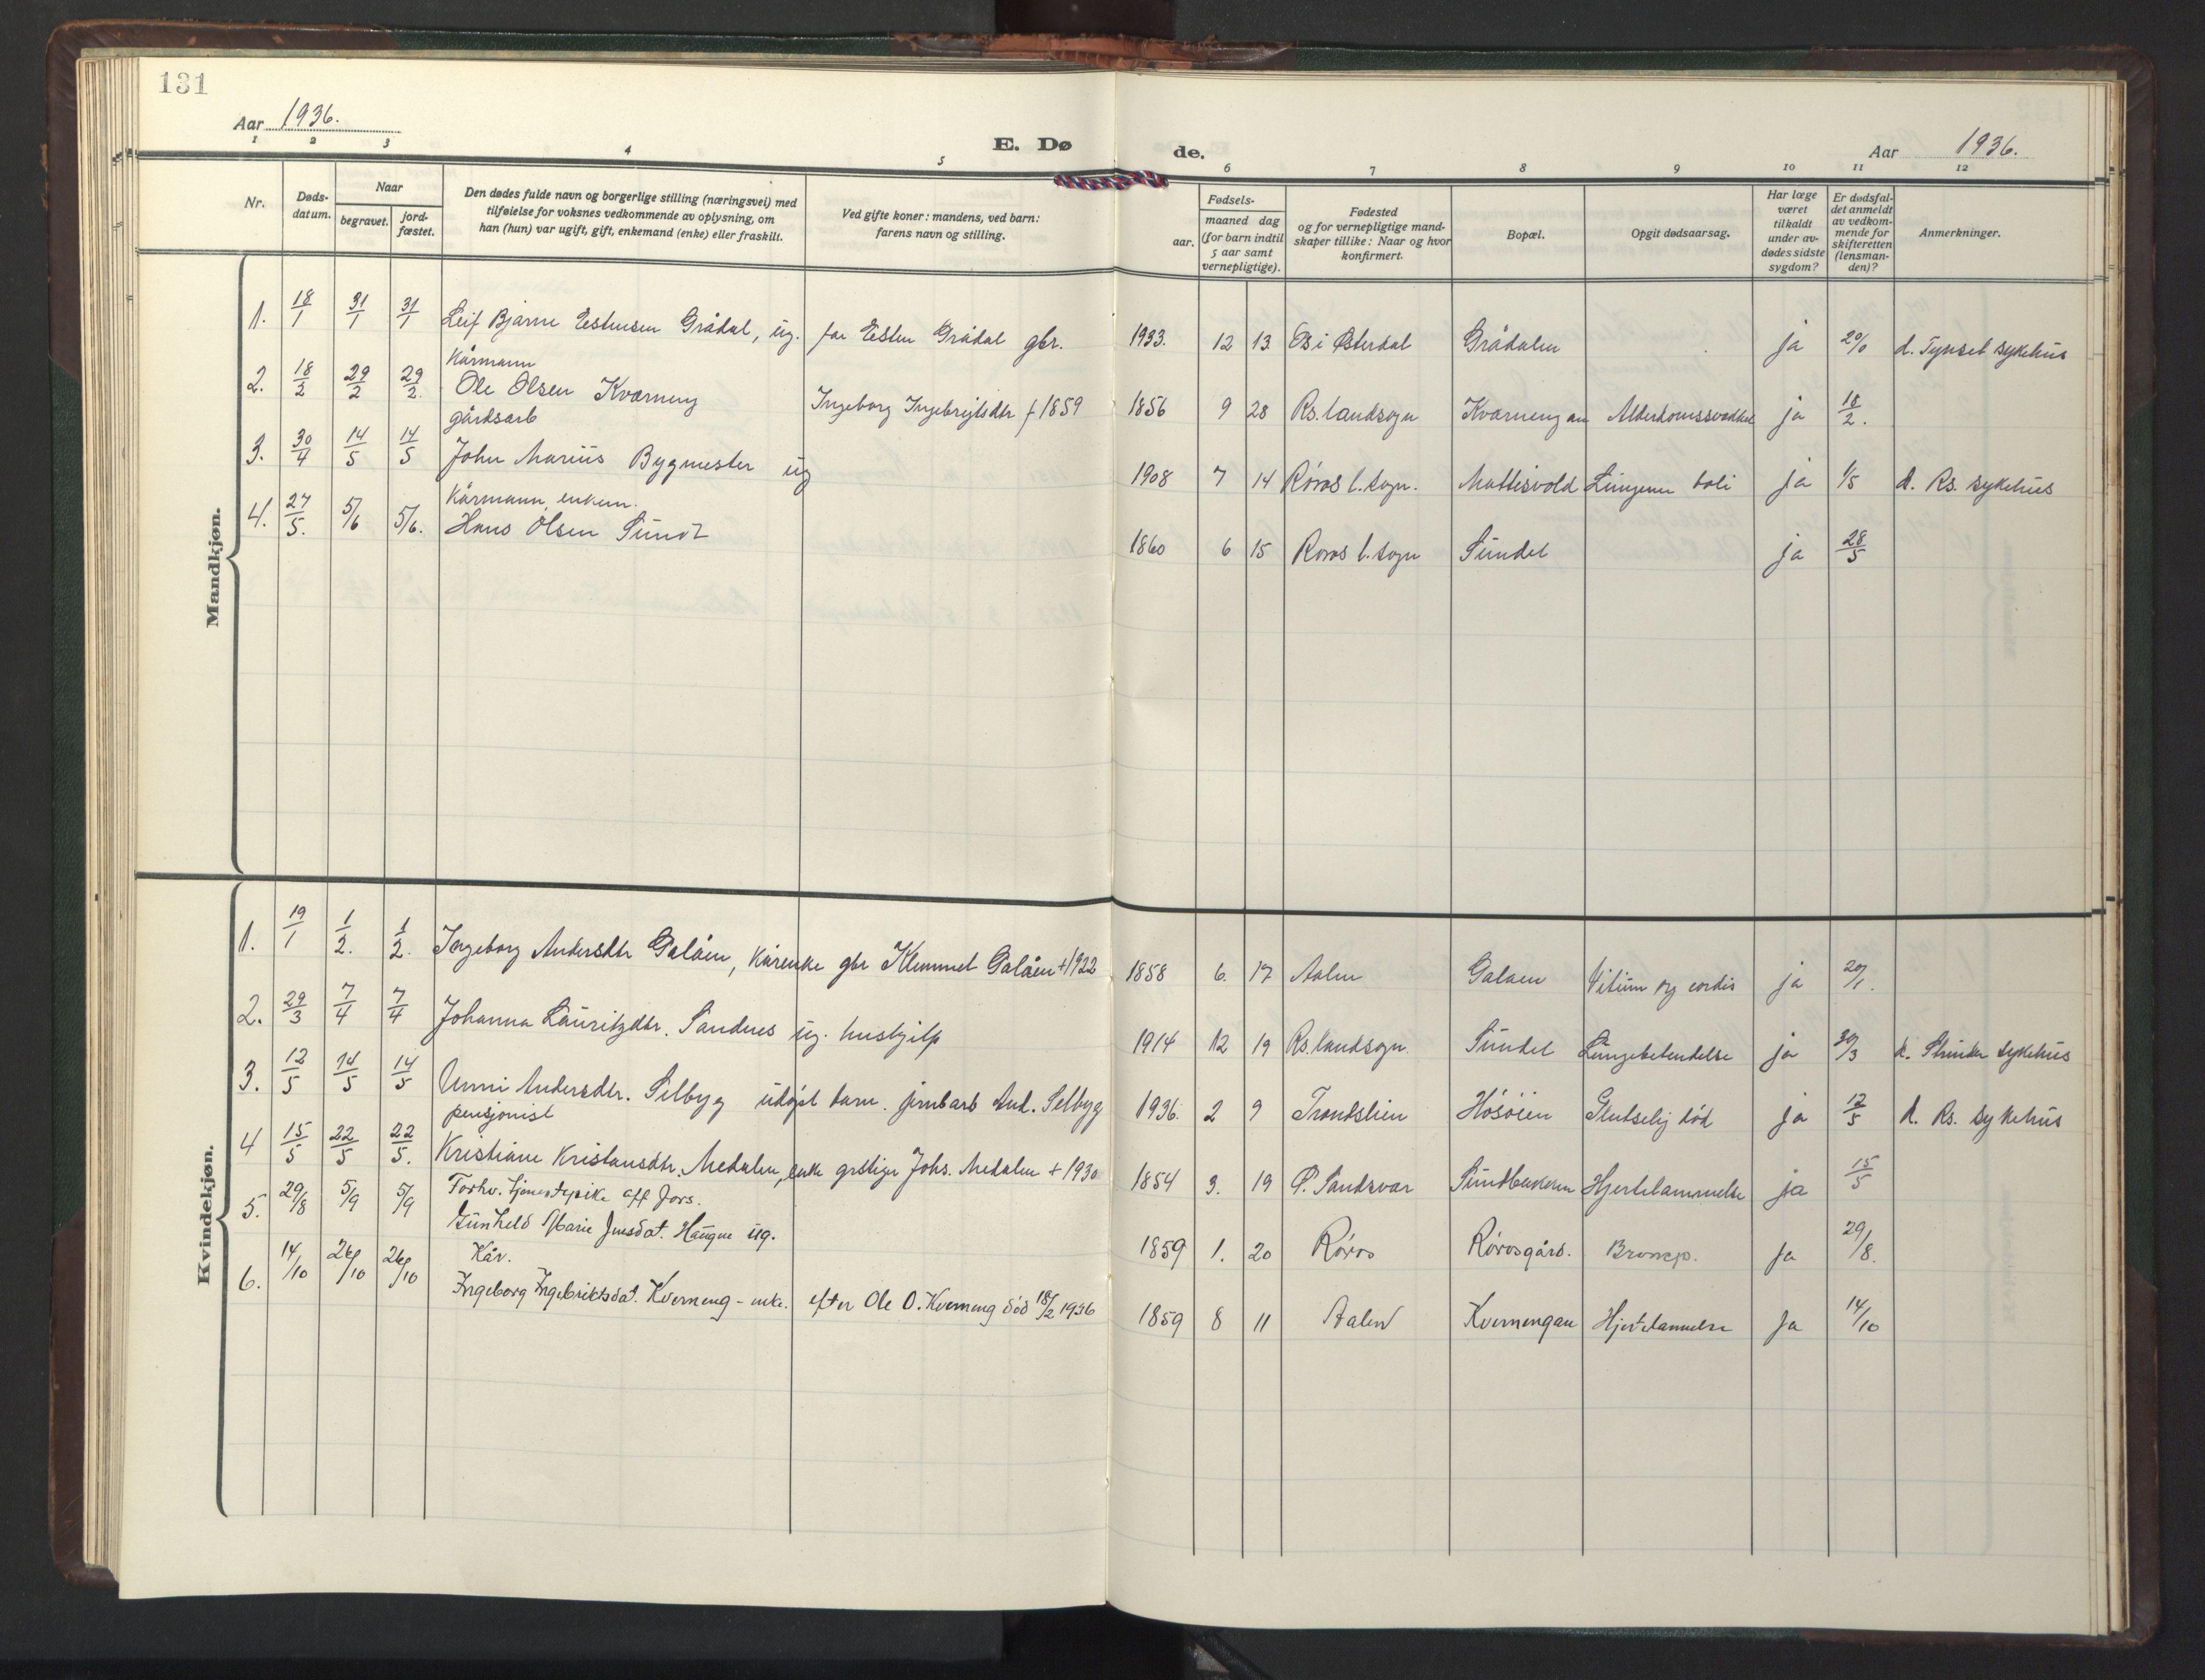 SAT, Ministerialprotokoller, klokkerbøker og fødselsregistre - Sør-Trøndelag, 681/L0944: Klokkerbok nr. 681C08, 1926-1954, s. 131